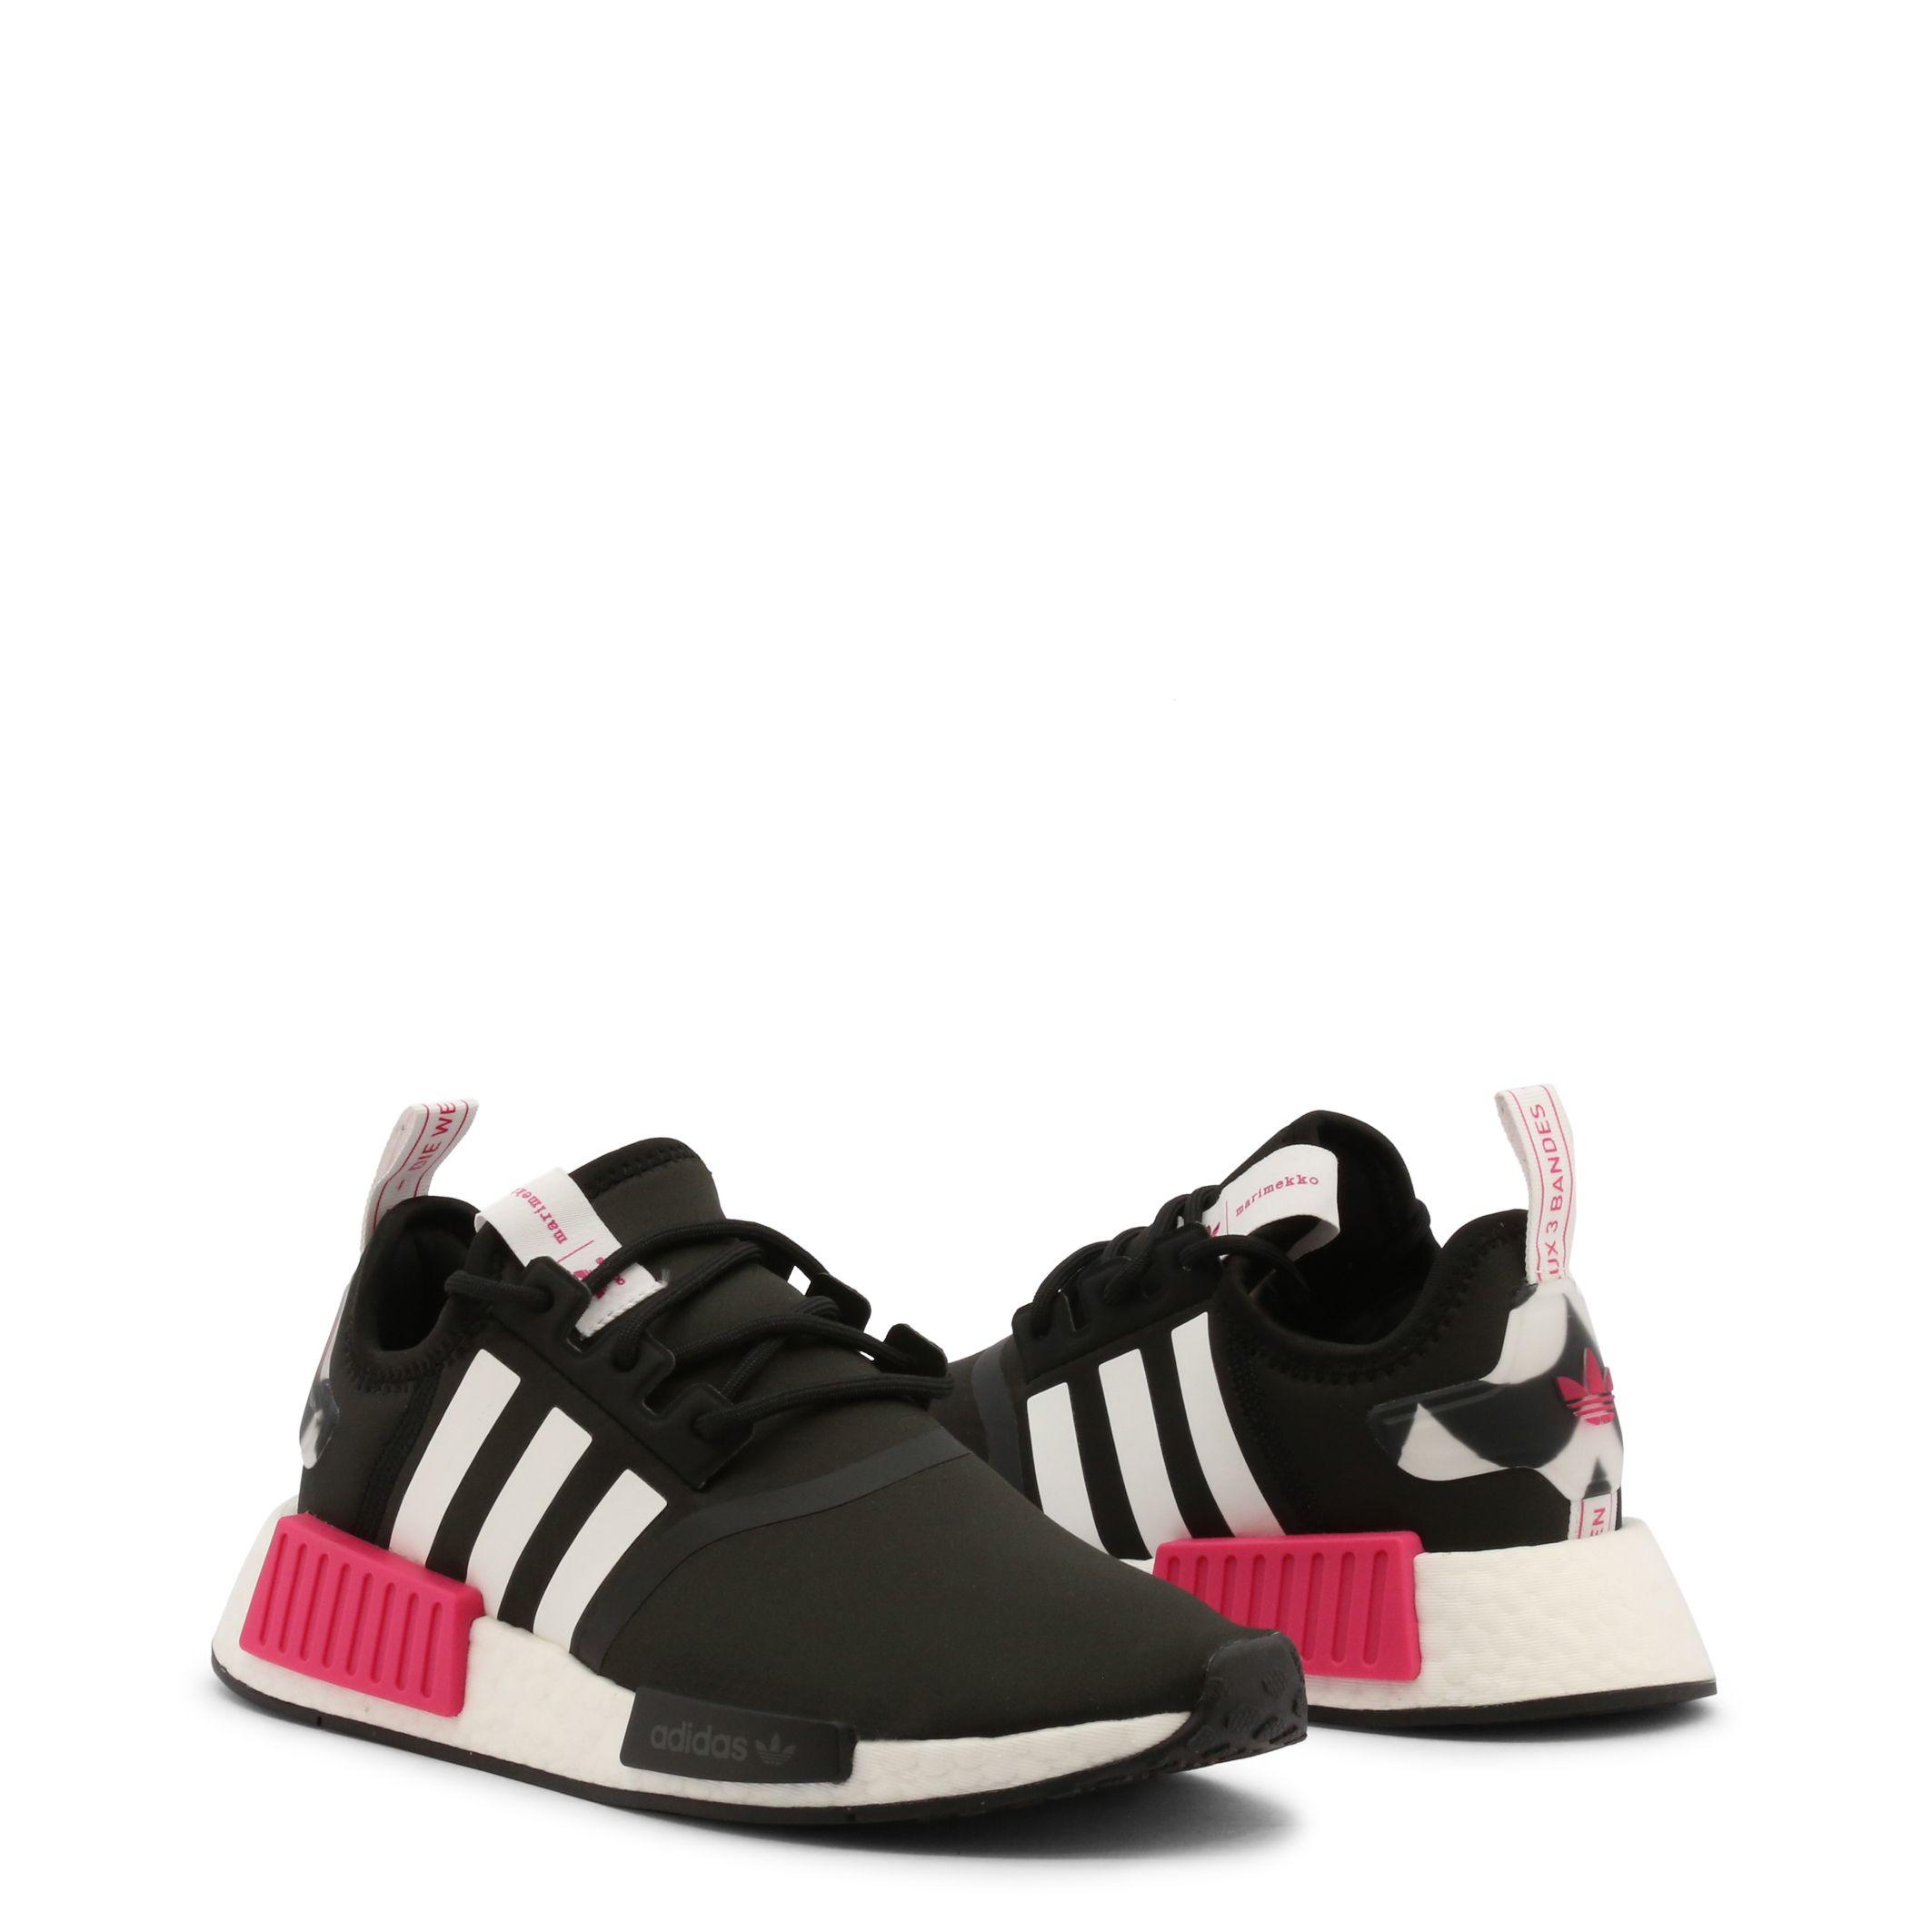 Adidas – NMDR1 – Negro